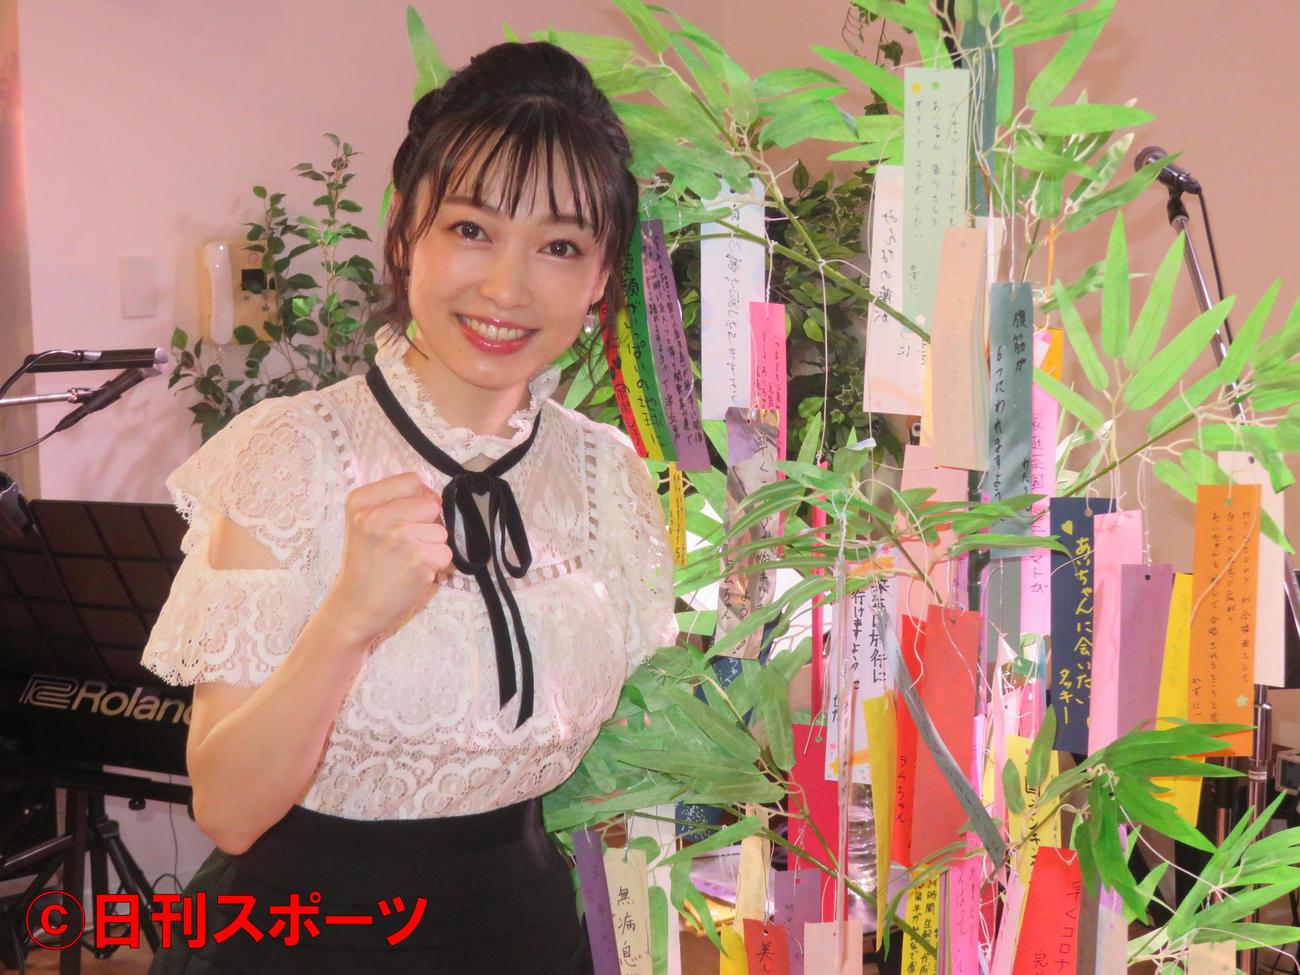 デビュー10周年記念24時間生配信を前に気合を入れる西田あい